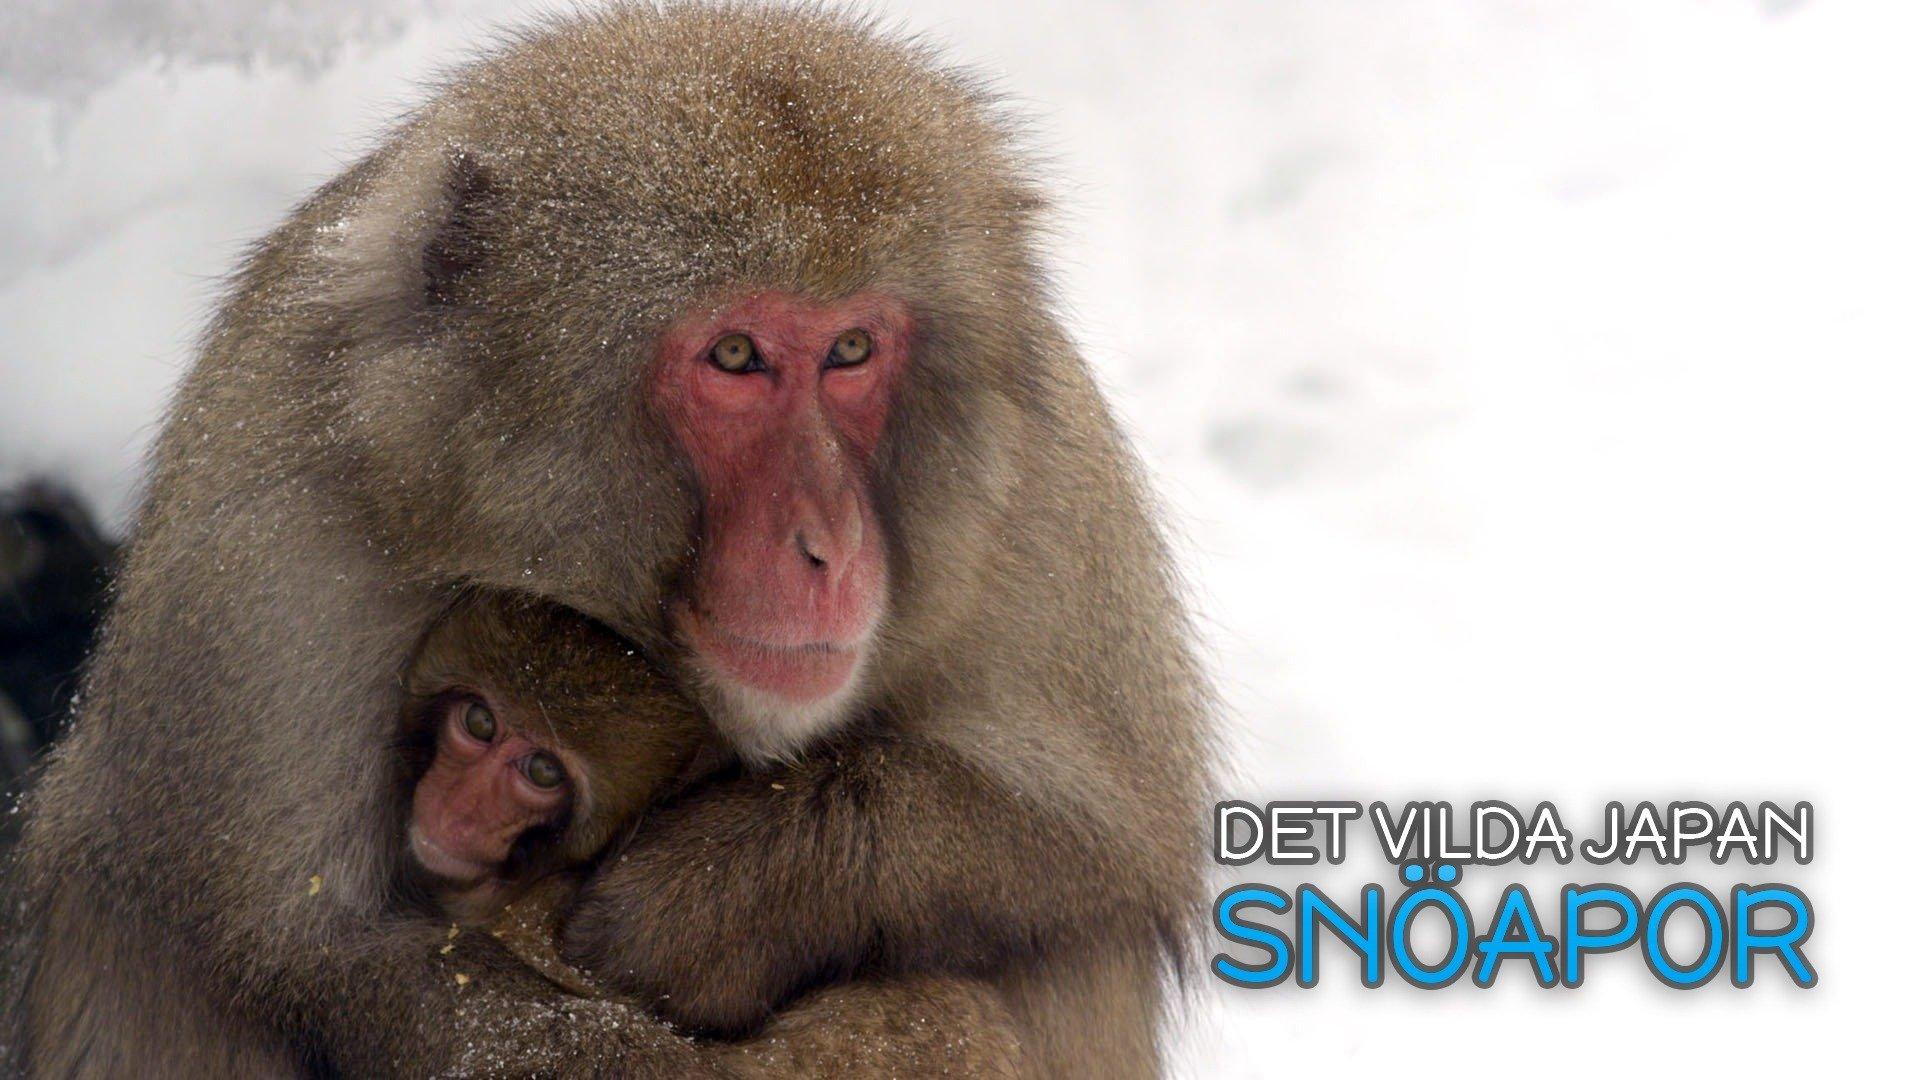 Det vilda Japan: Snöapor